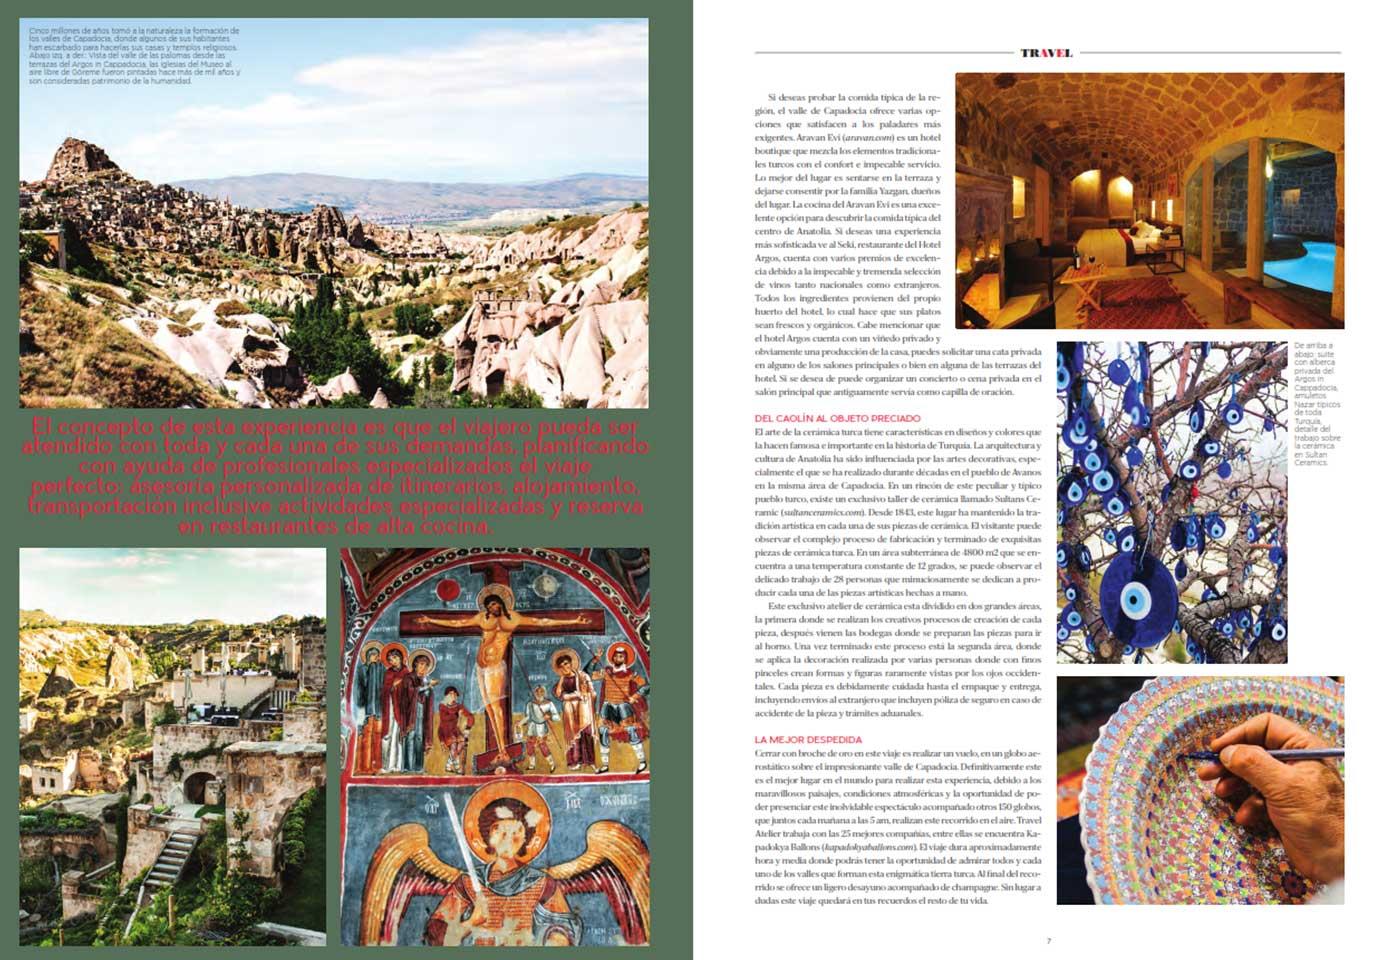 robb-report-mexico-tailor-made-cappadocia